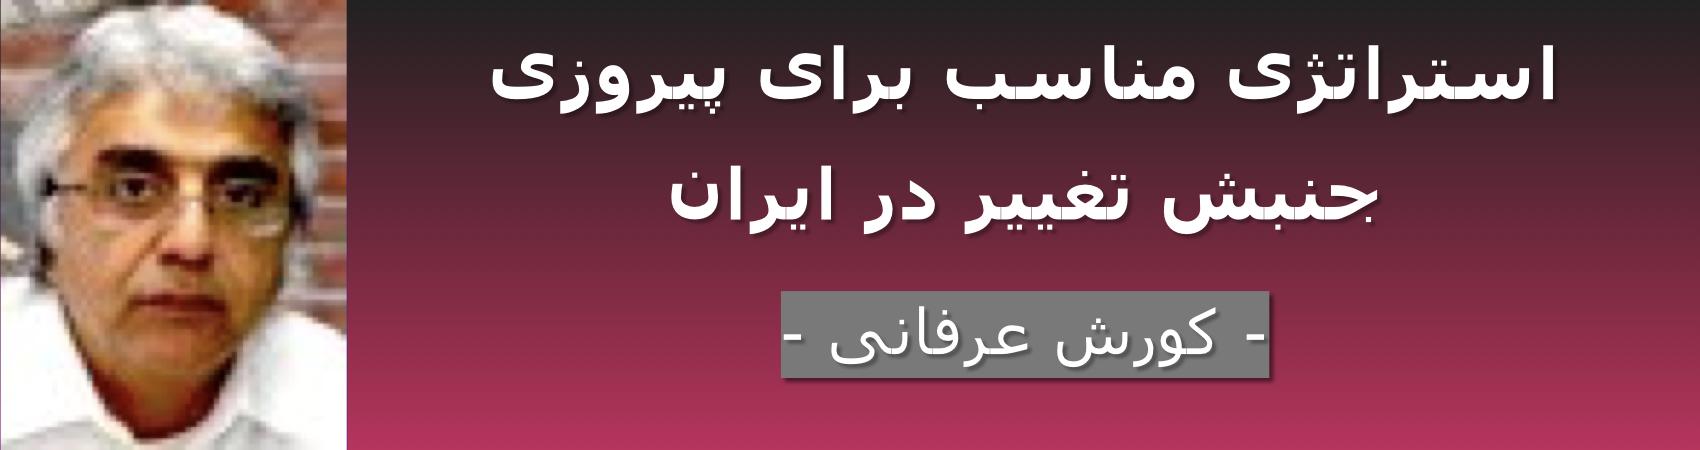 استراتژی مناسب برای پیروزی جنبش تغییر در ایران